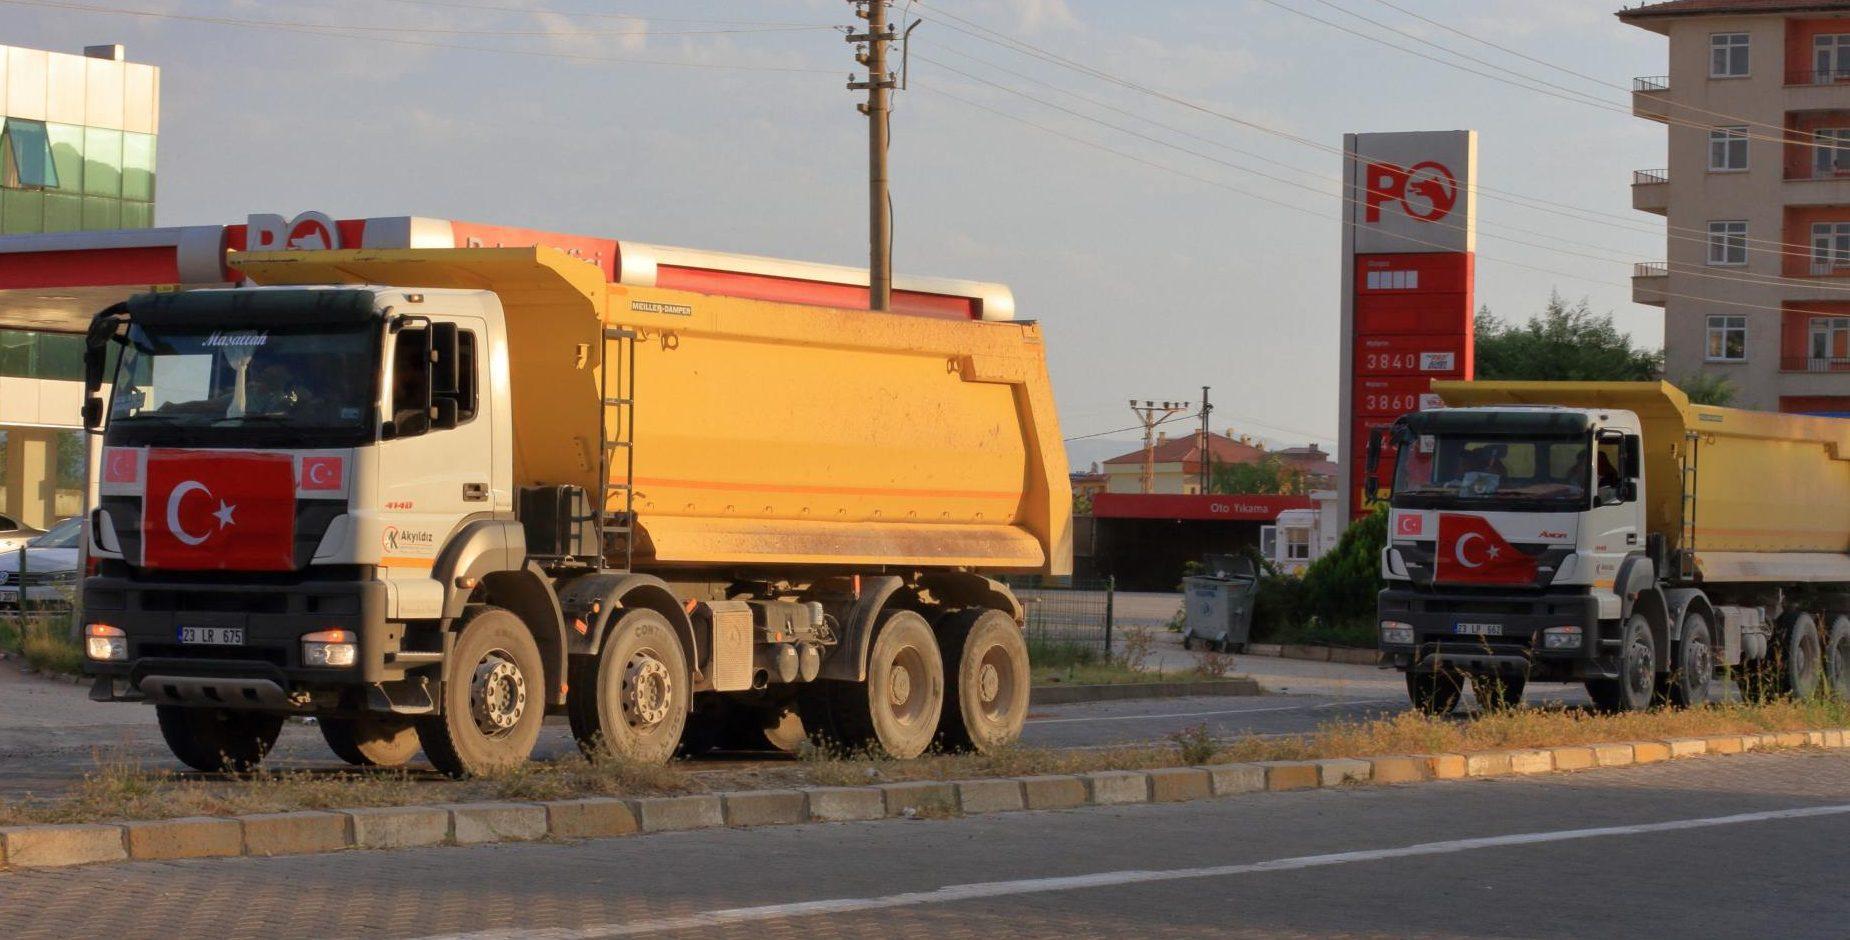 Nekje v juzni Turciji